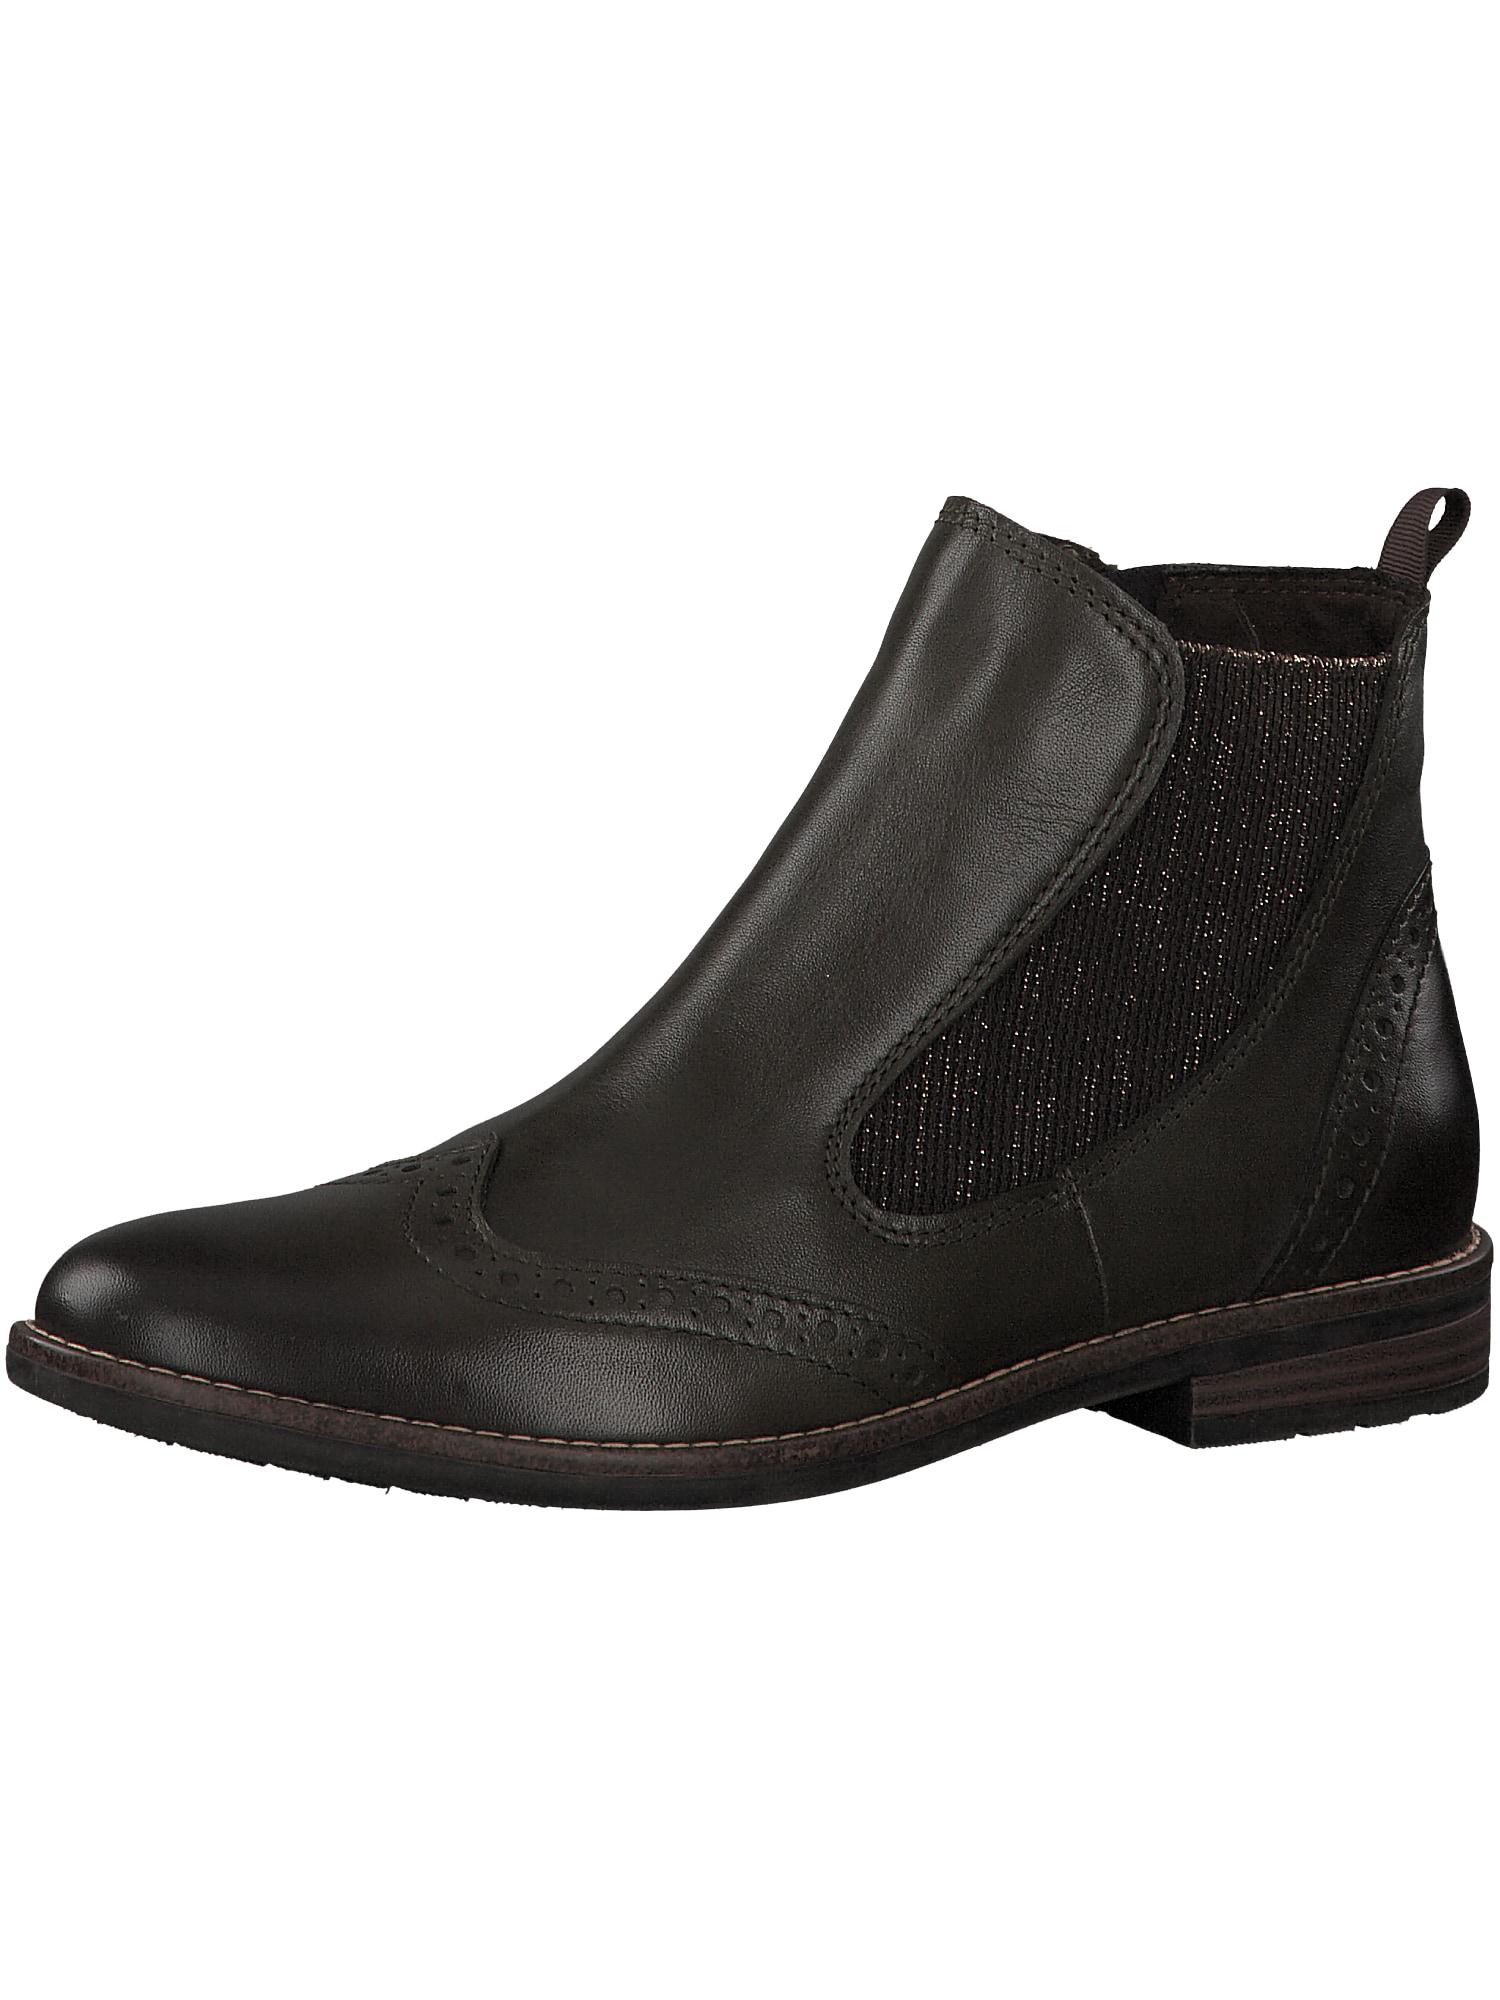 Chelsea boty tmavě hnědá MARCO TOZZI